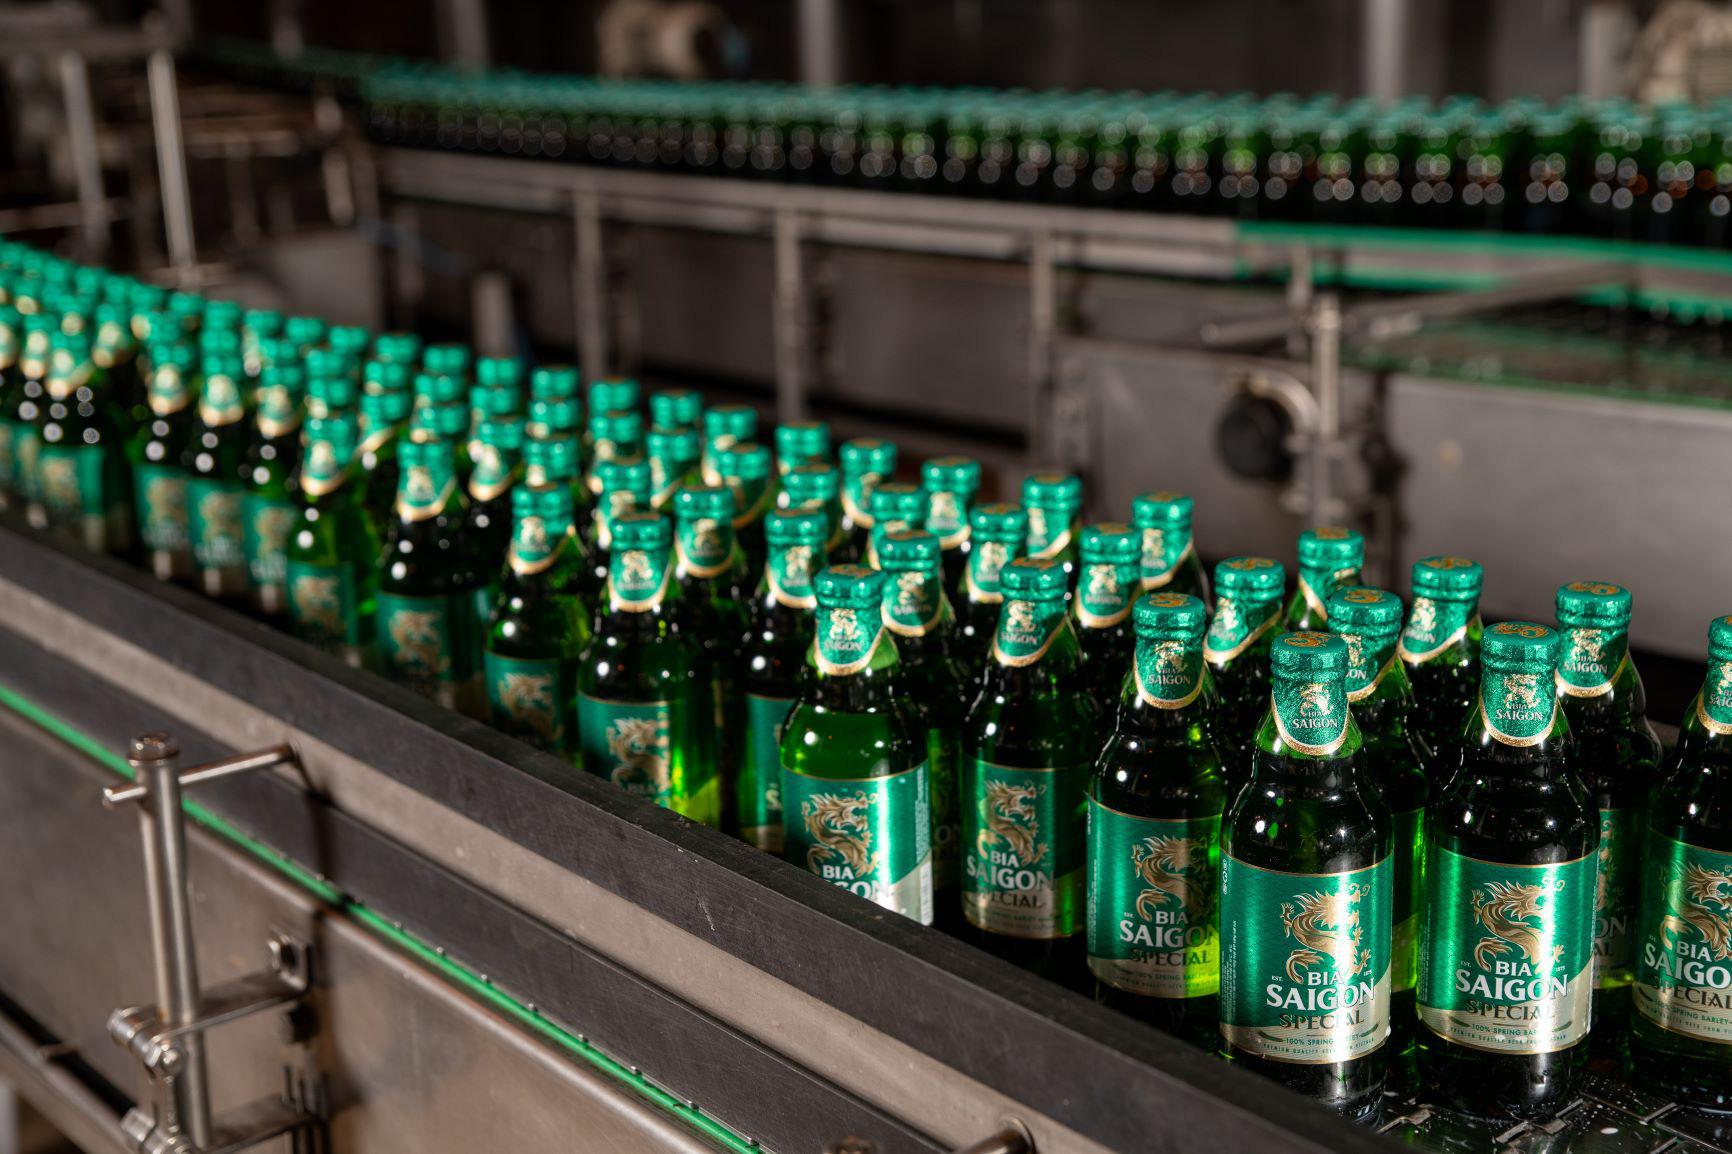 Chưa cần đến tác động của Nghị định 100 hay dịch bệnh covid-19, sản lượng bán bia của Sabeco đã giảm 6% trong quí gần nhất - Ảnh 1.